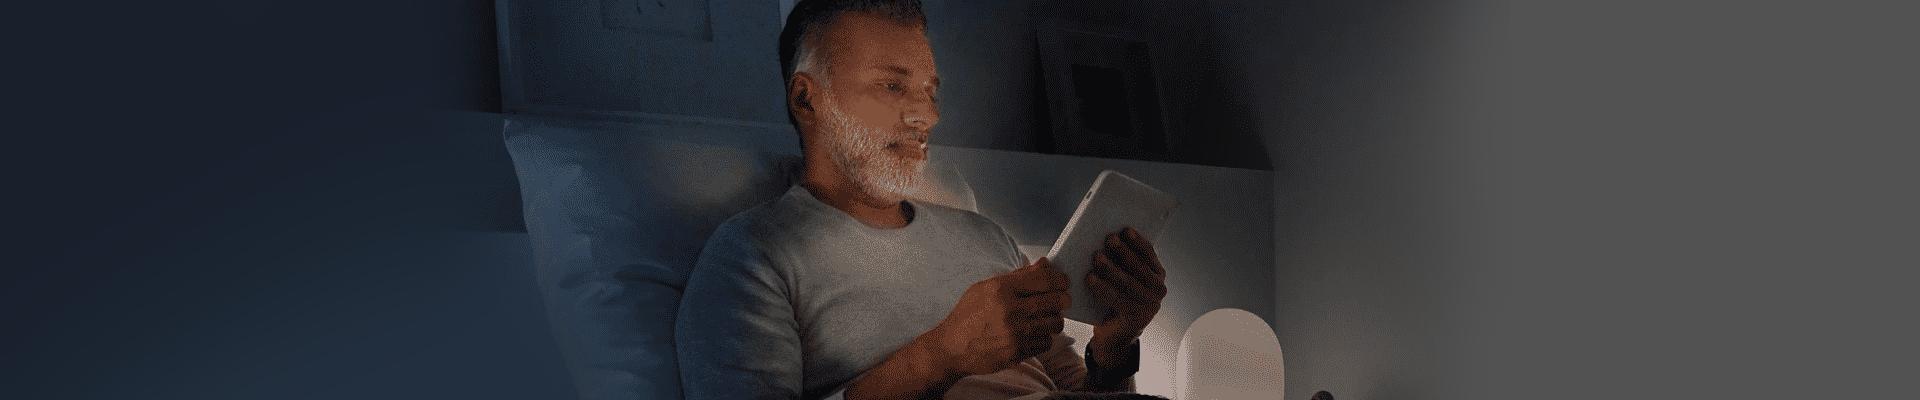 Man reading ebook on e-reader in dark